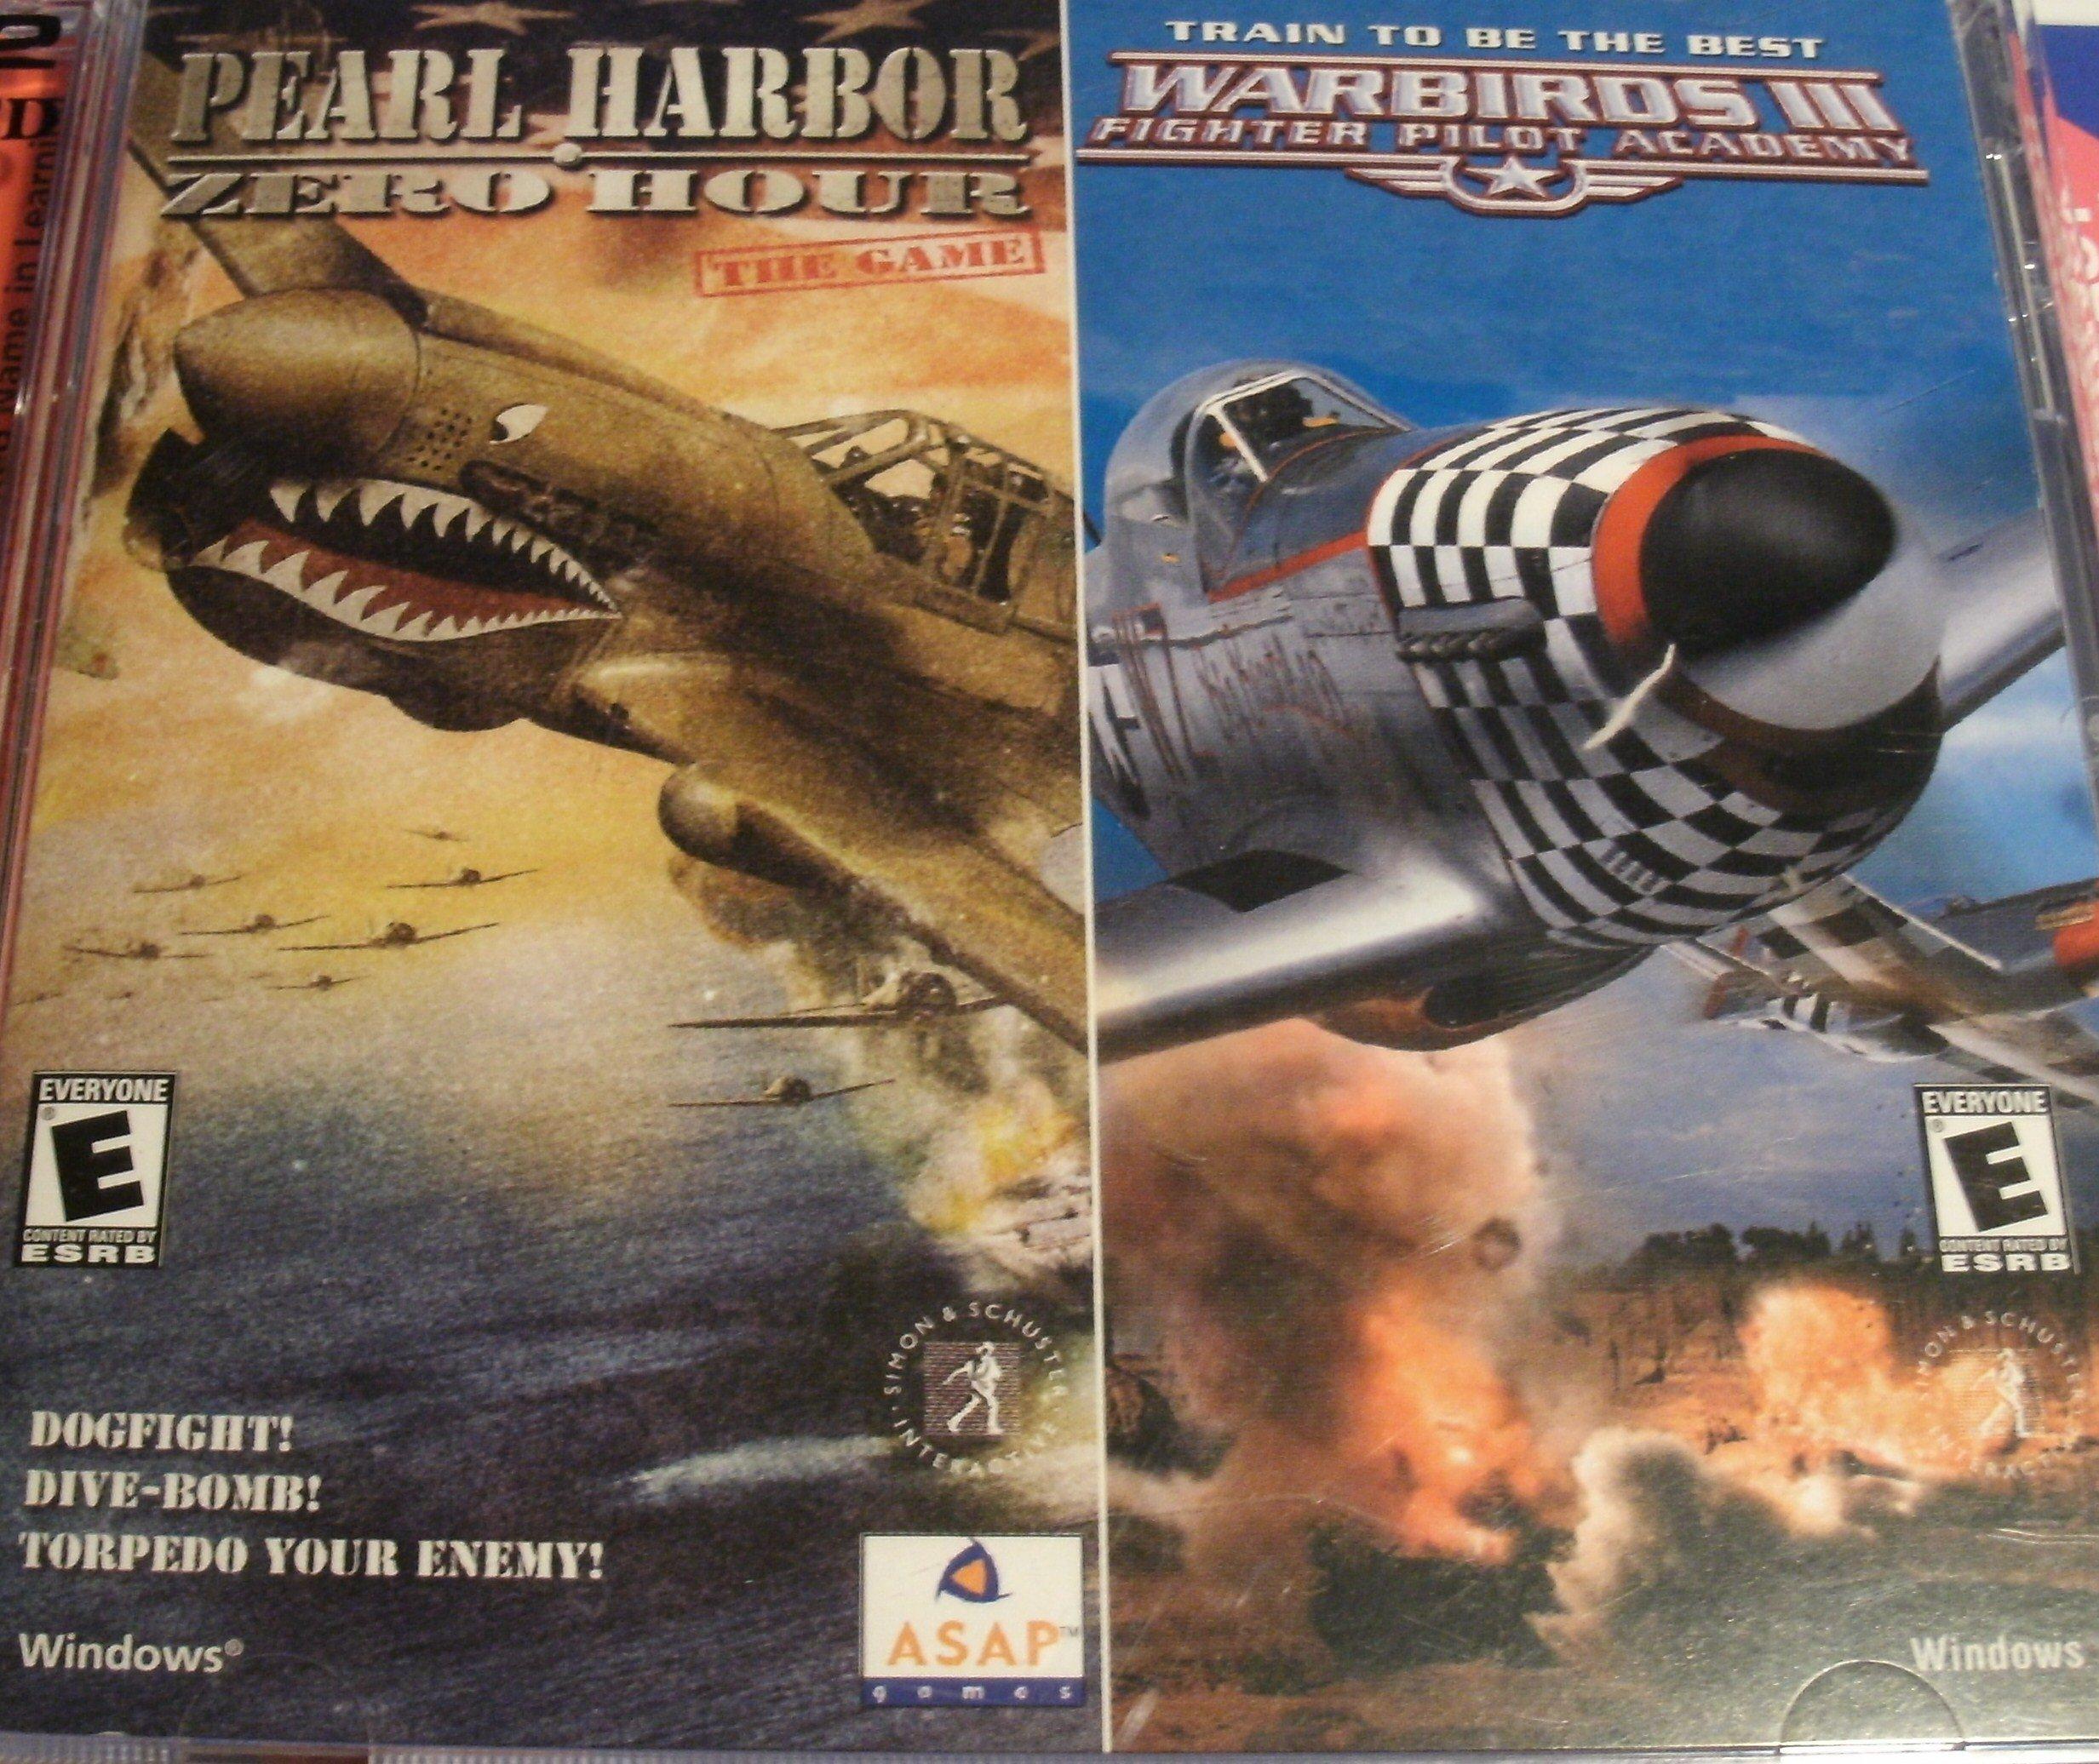 Amazon com: Pearl Harbor Zero Hour, Warbirds III Fighter Pilot